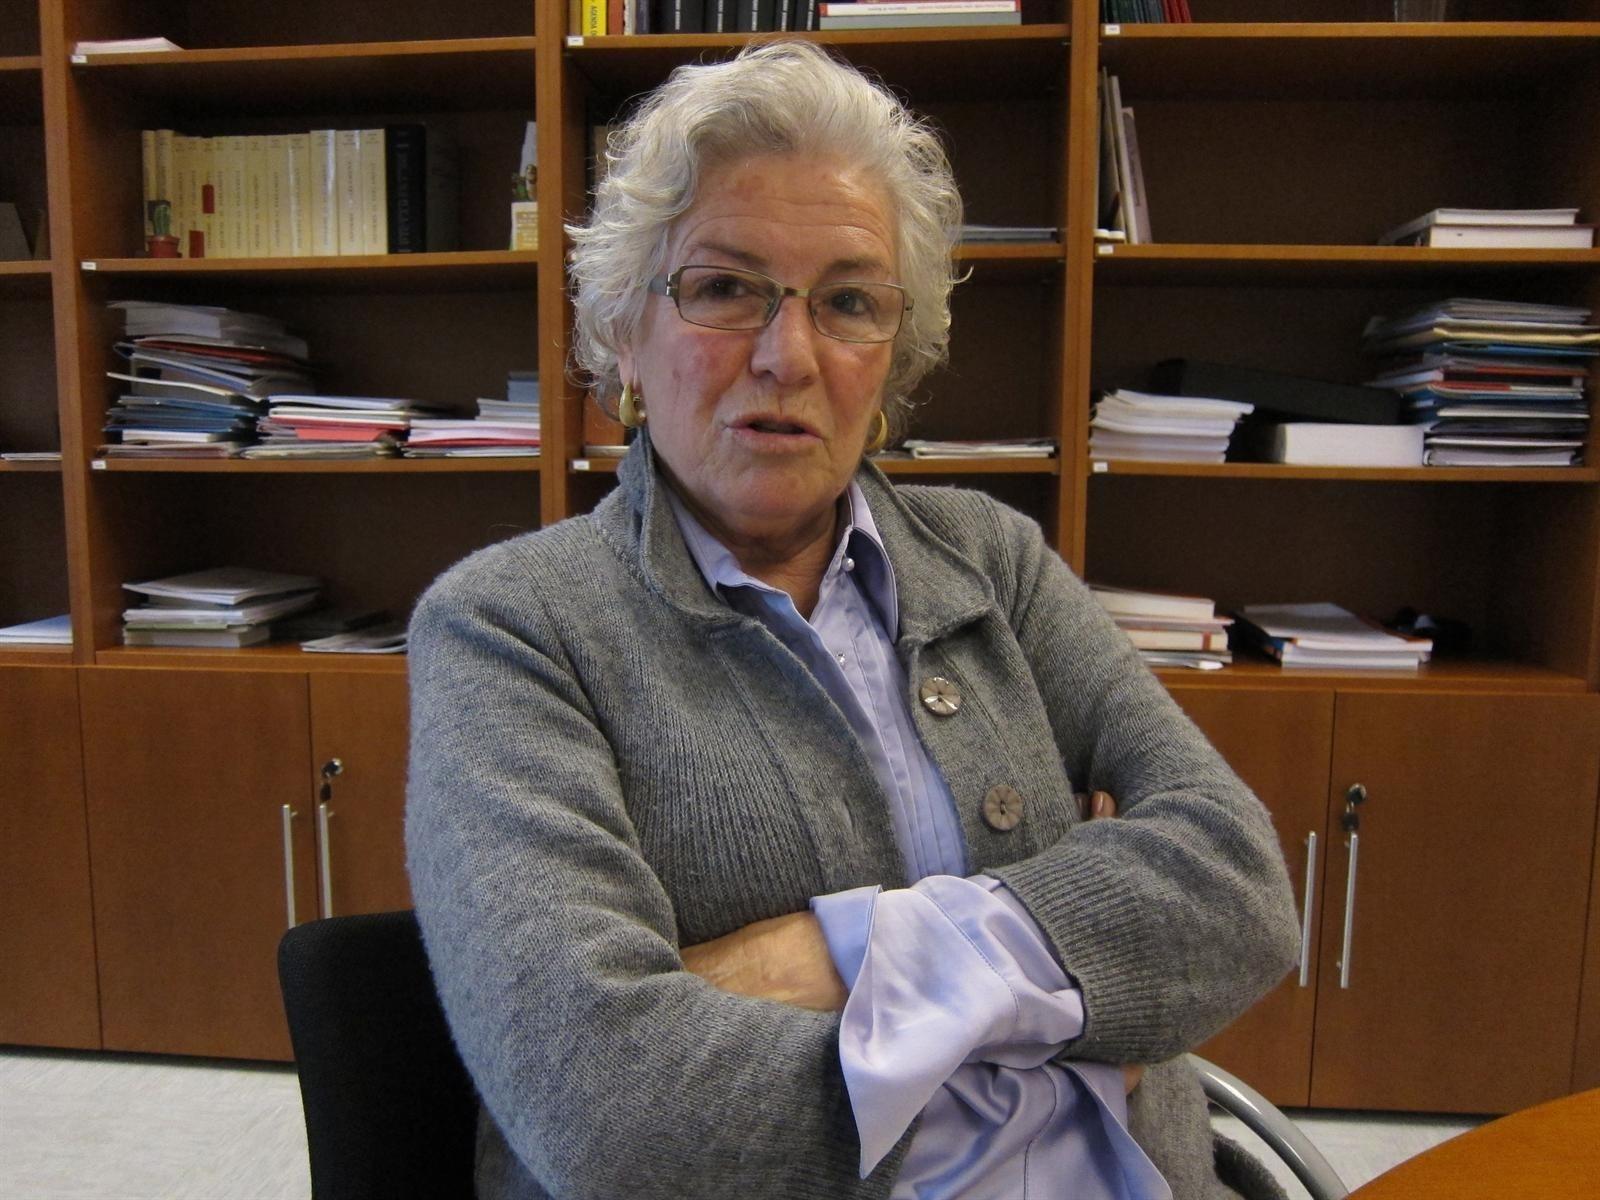 La síndica de Greuges pide al Ayuntamiento aceptar la iniciativa ciudadana de guarderías